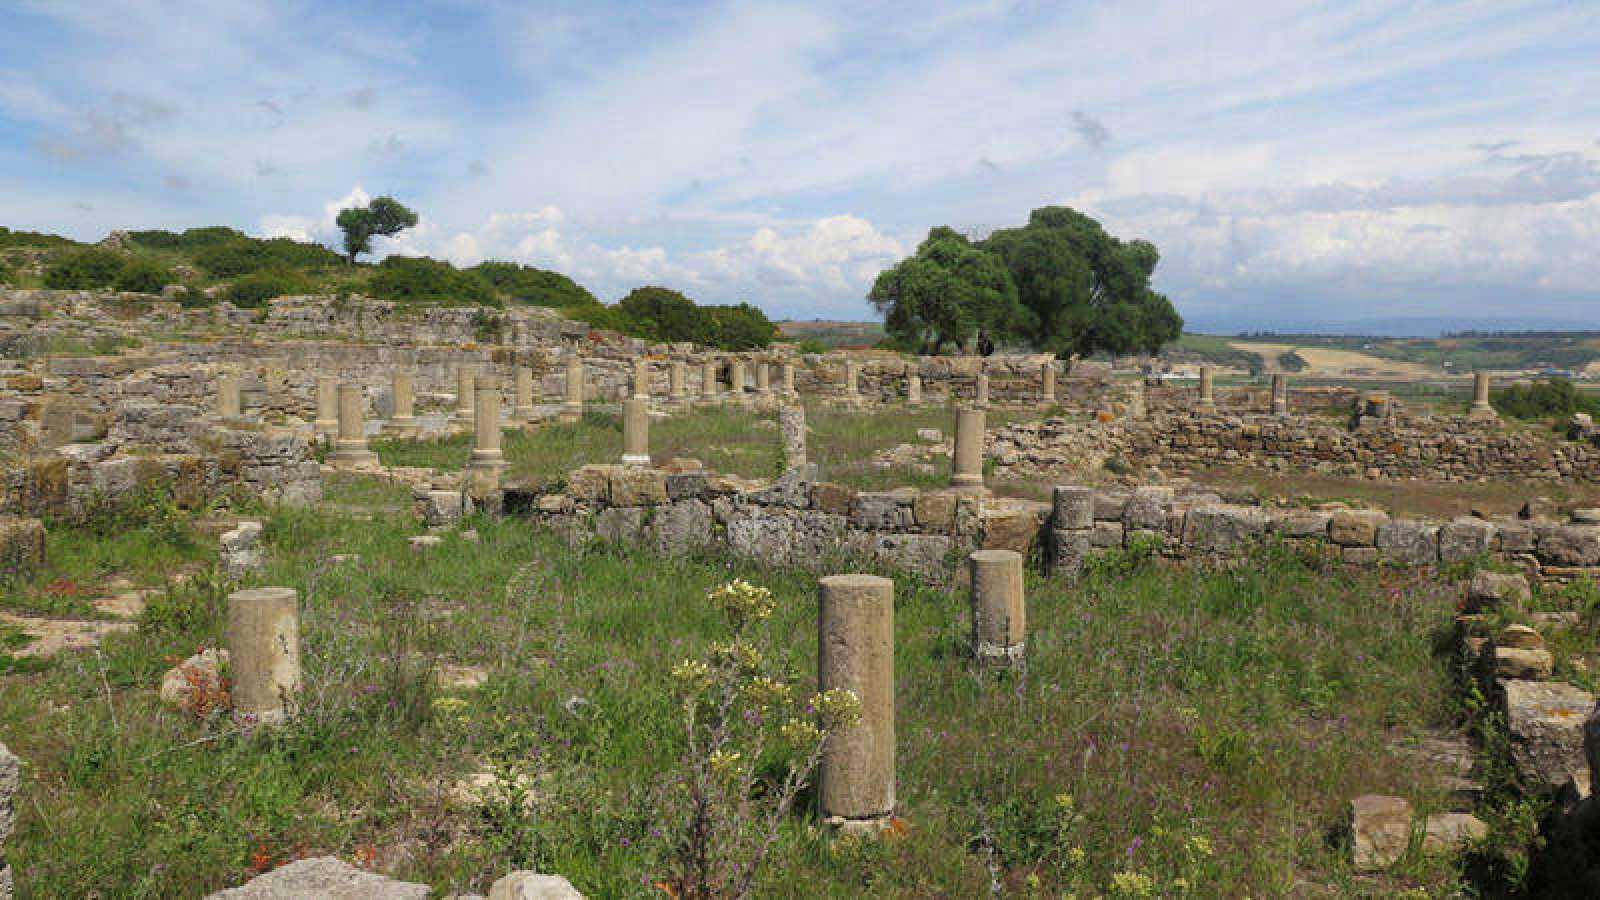 Vista general de la ciudad romana de Lixus, en el norte de Marruecos